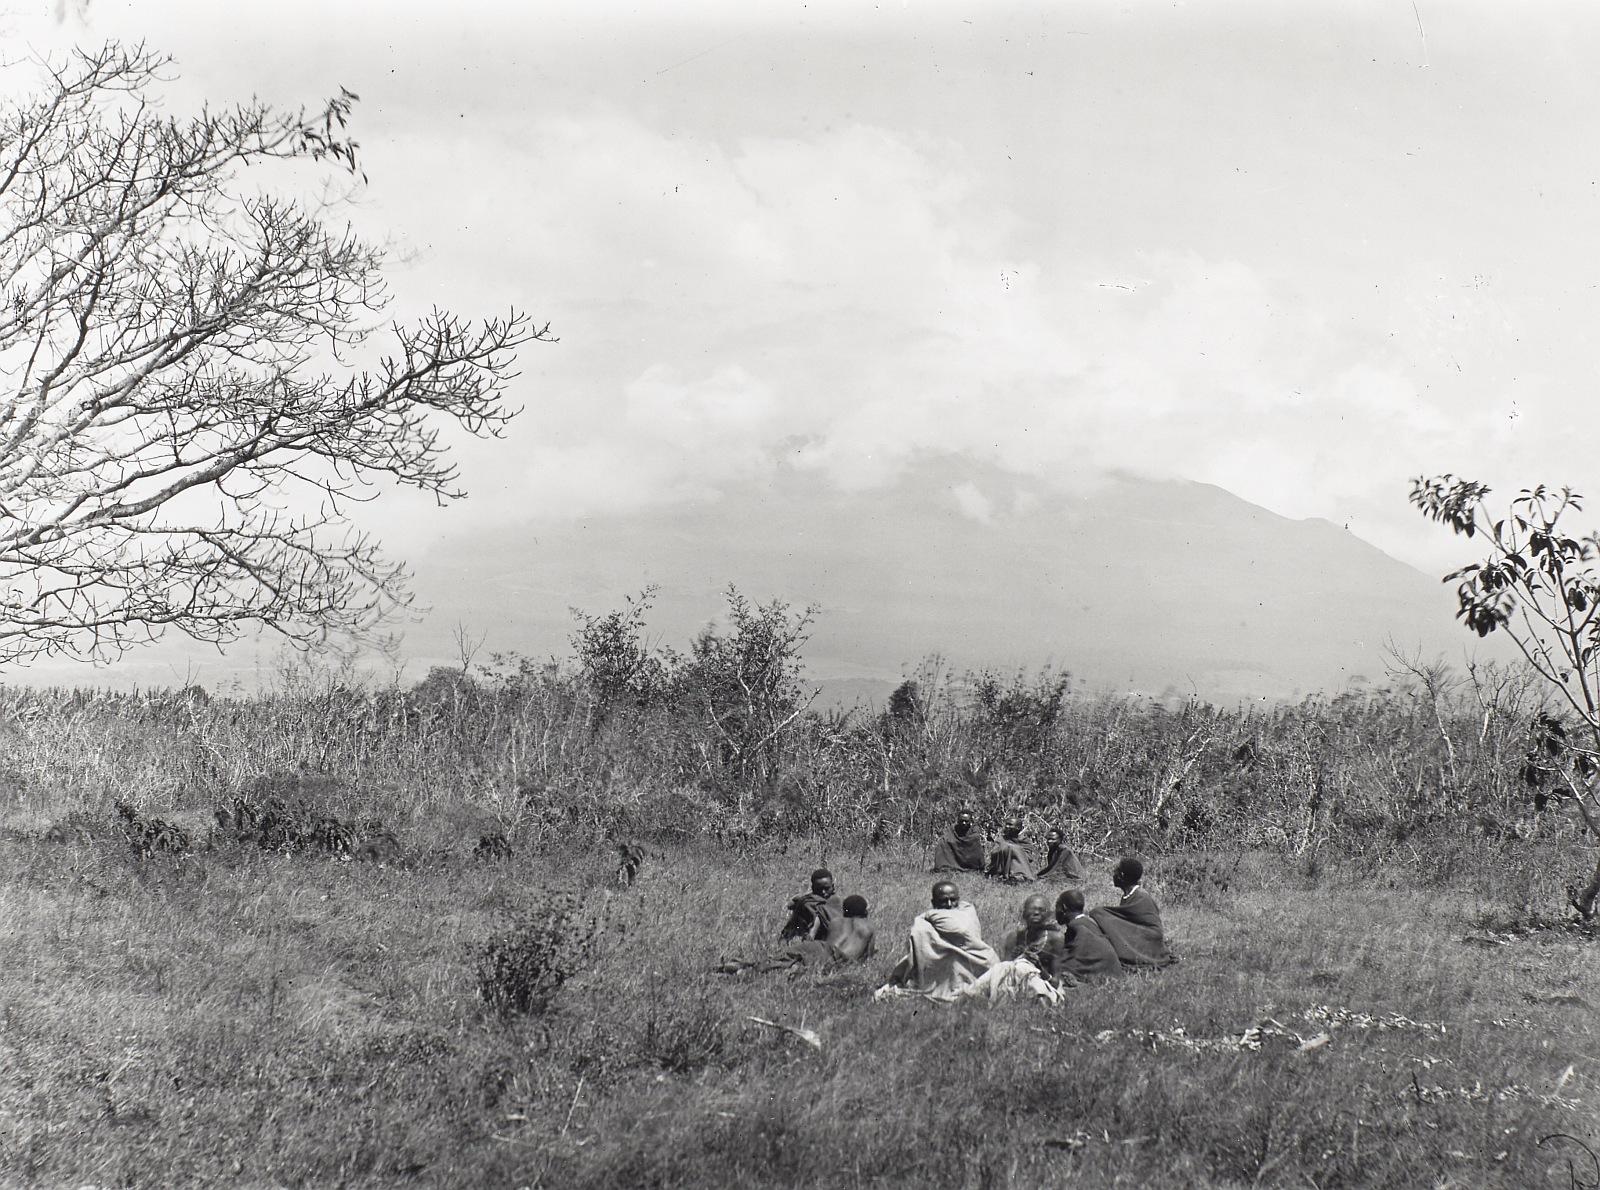 04. Килиманджаро. Мавенси окутана облаками